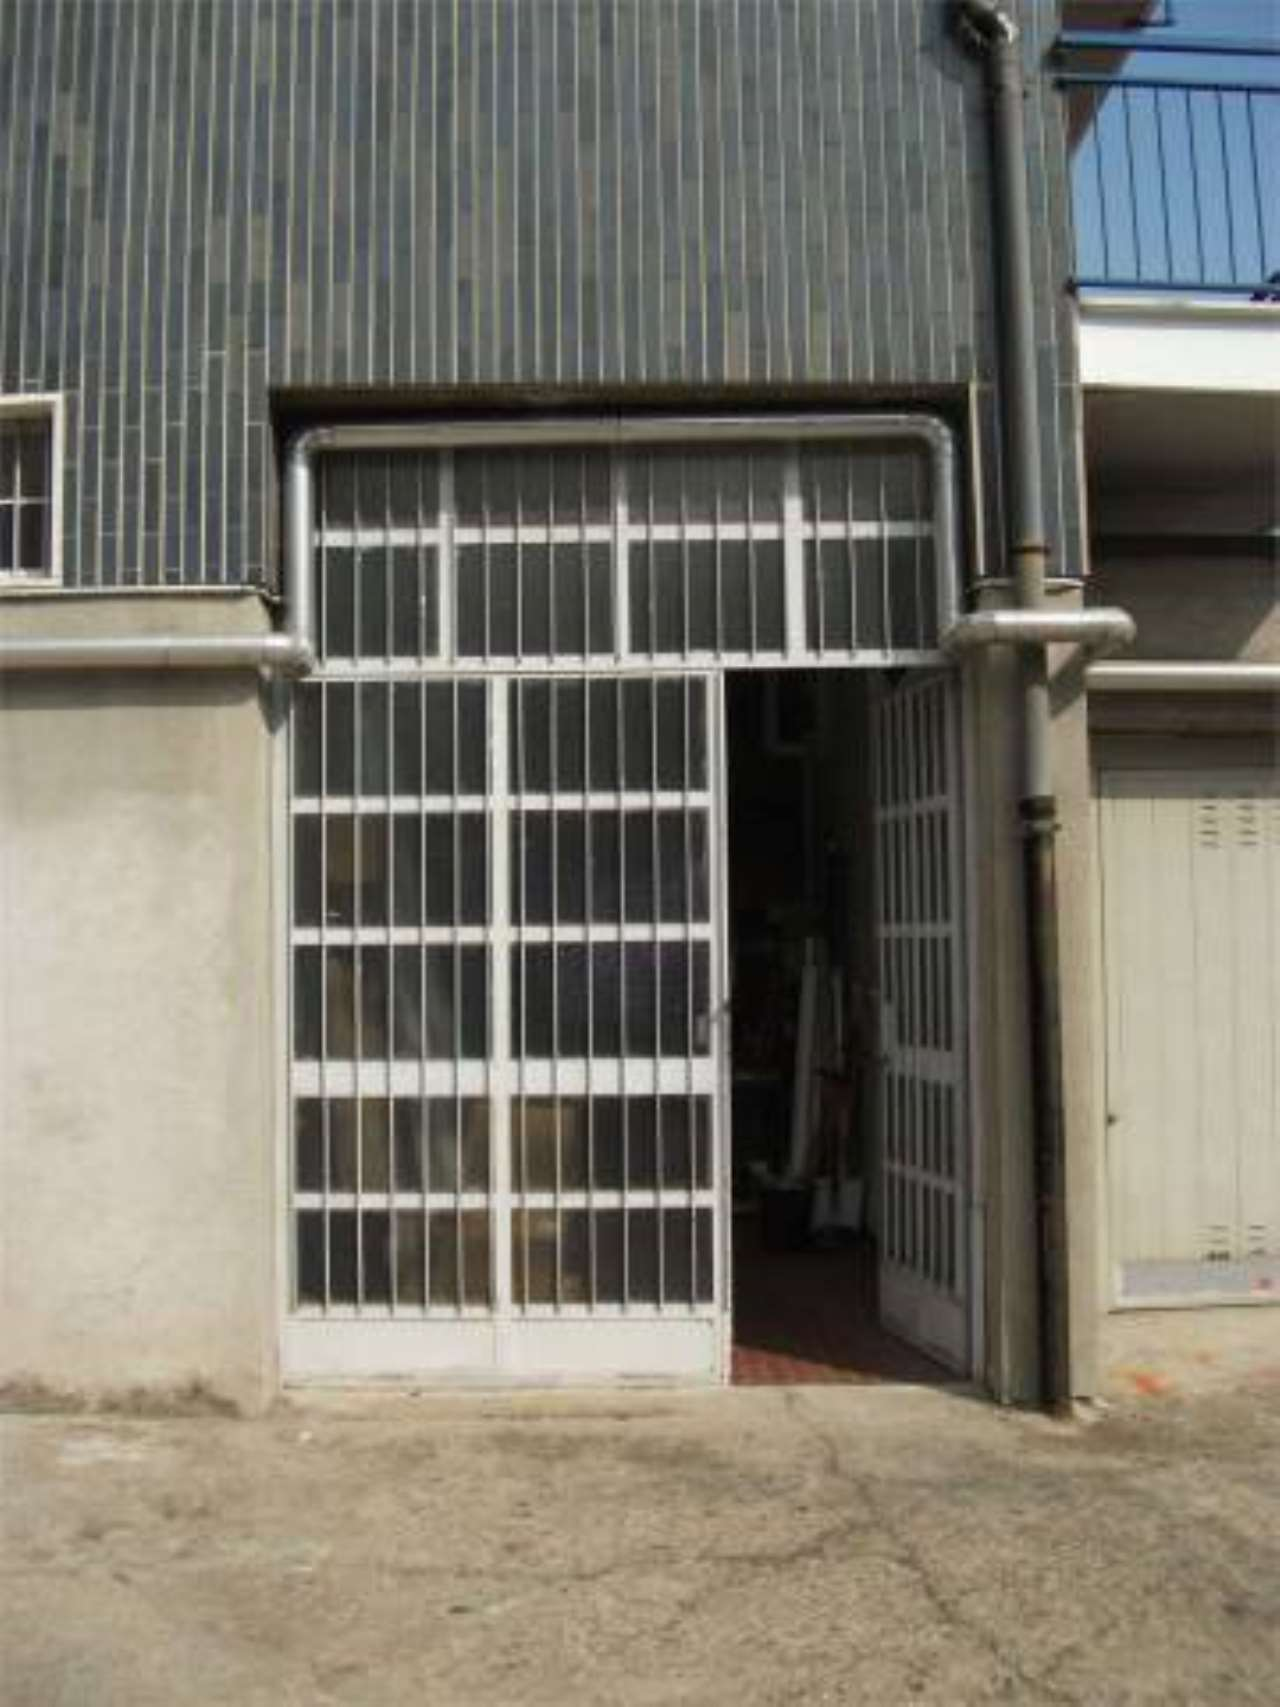 Laboratorio in vendita a Cassina de' Pecchi, 1 locali, prezzo € 100.000 | CambioCasa.it